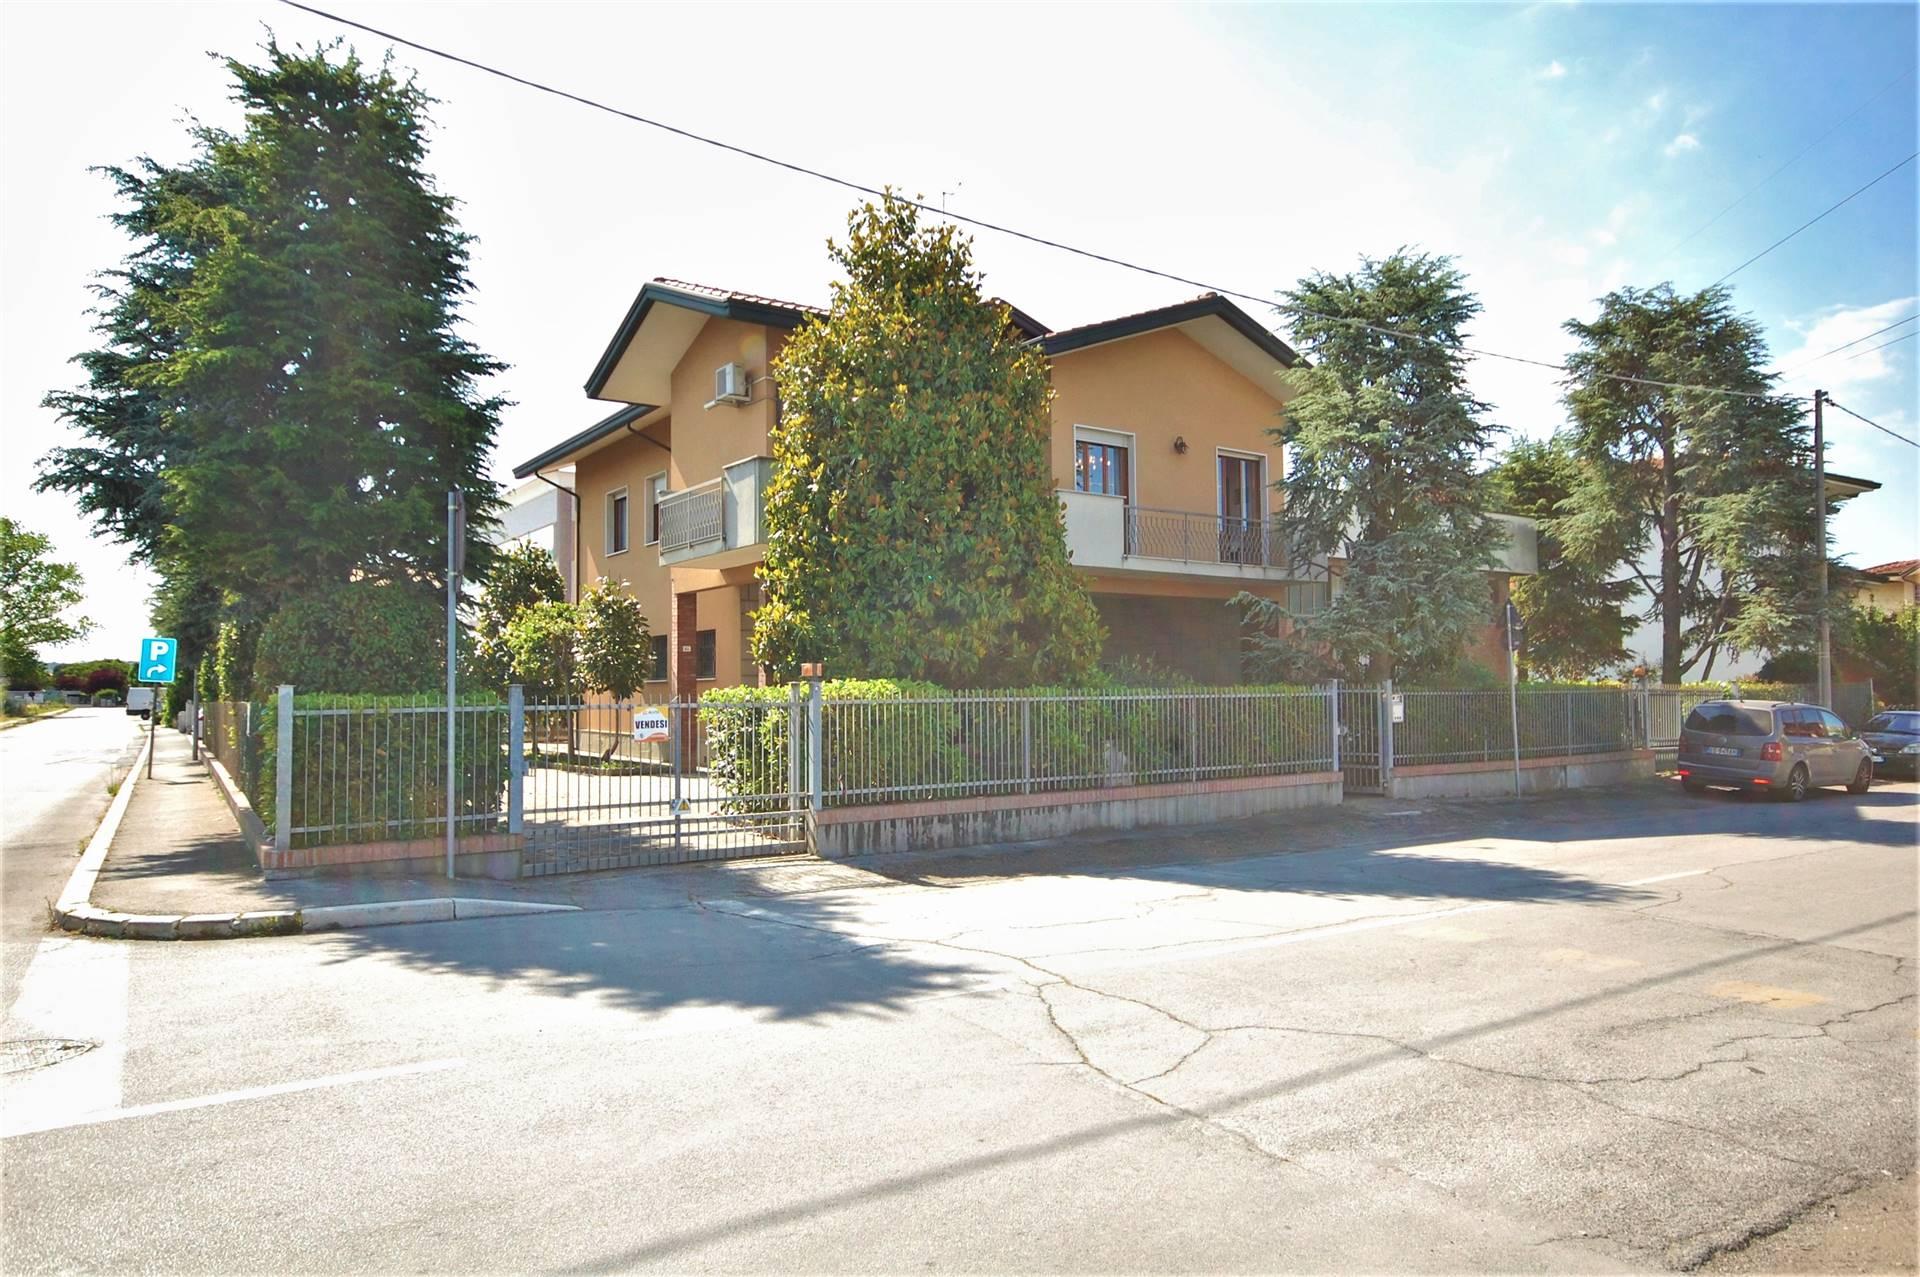 Capannone in vendita a Savignano sul Rubicone, 4 locali, prezzo € 400.000 | CambioCasa.it